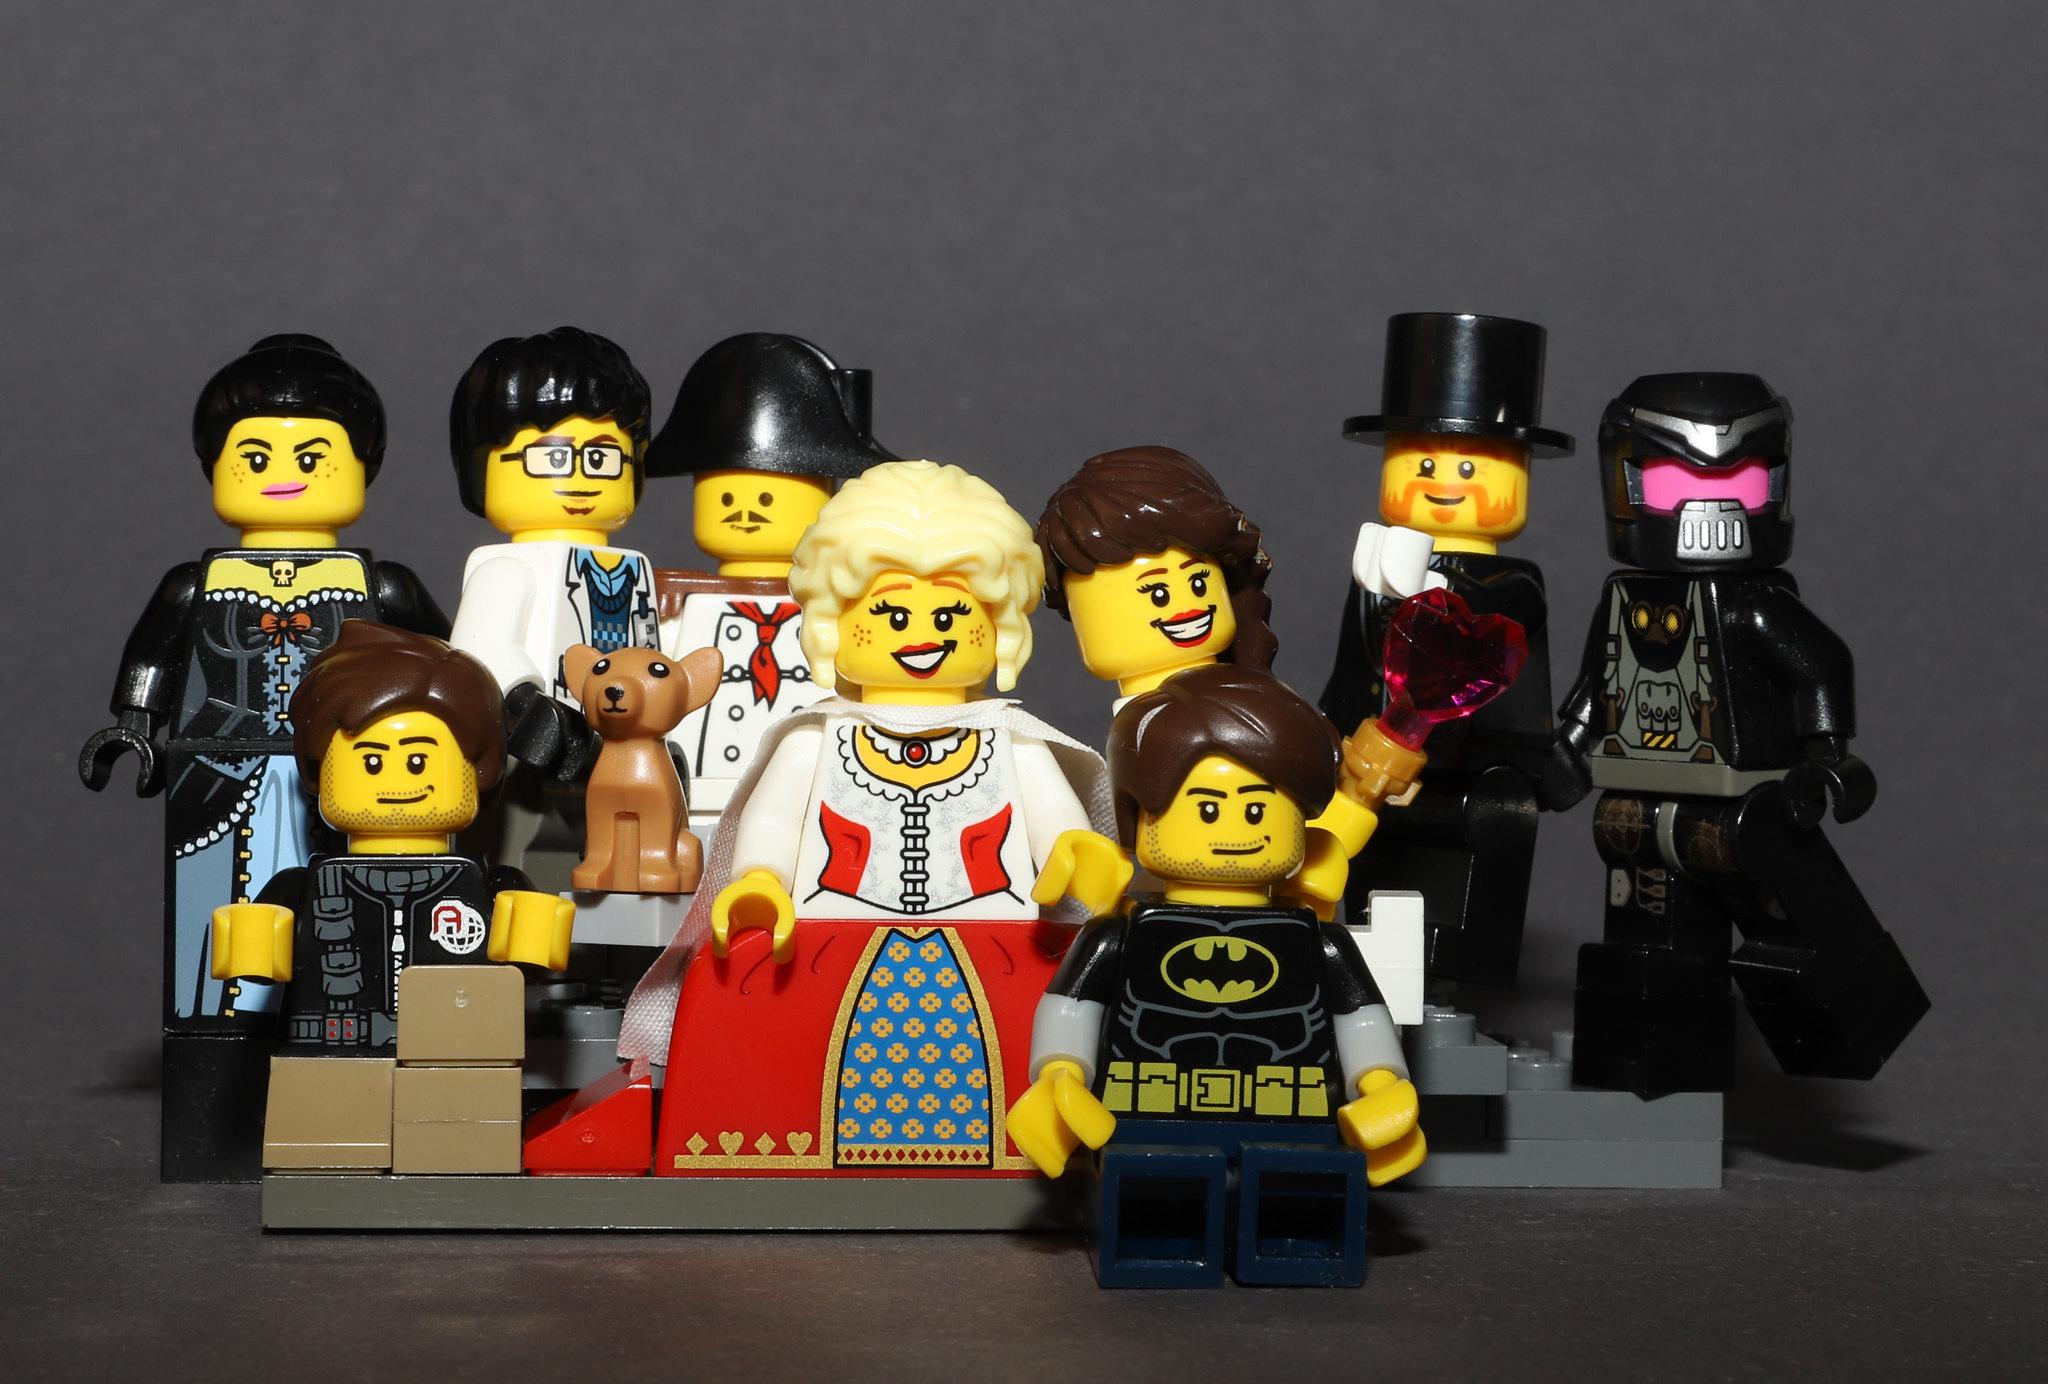 [Photographie + LEGO] Quand le VDF croise l'univers des LEGO 31282619837_7f1f00aff1_k